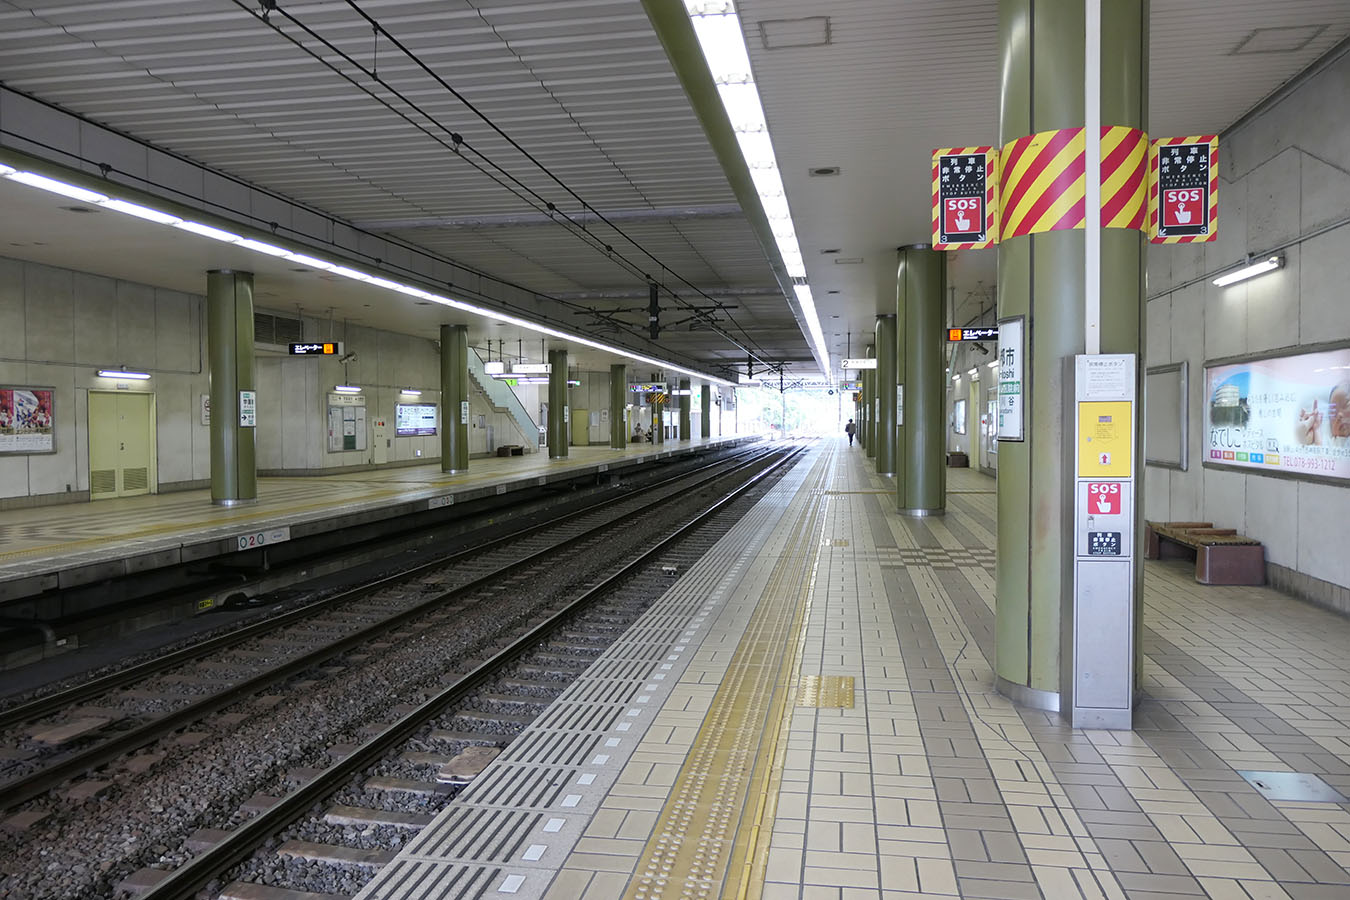 S14_photo01.jpg